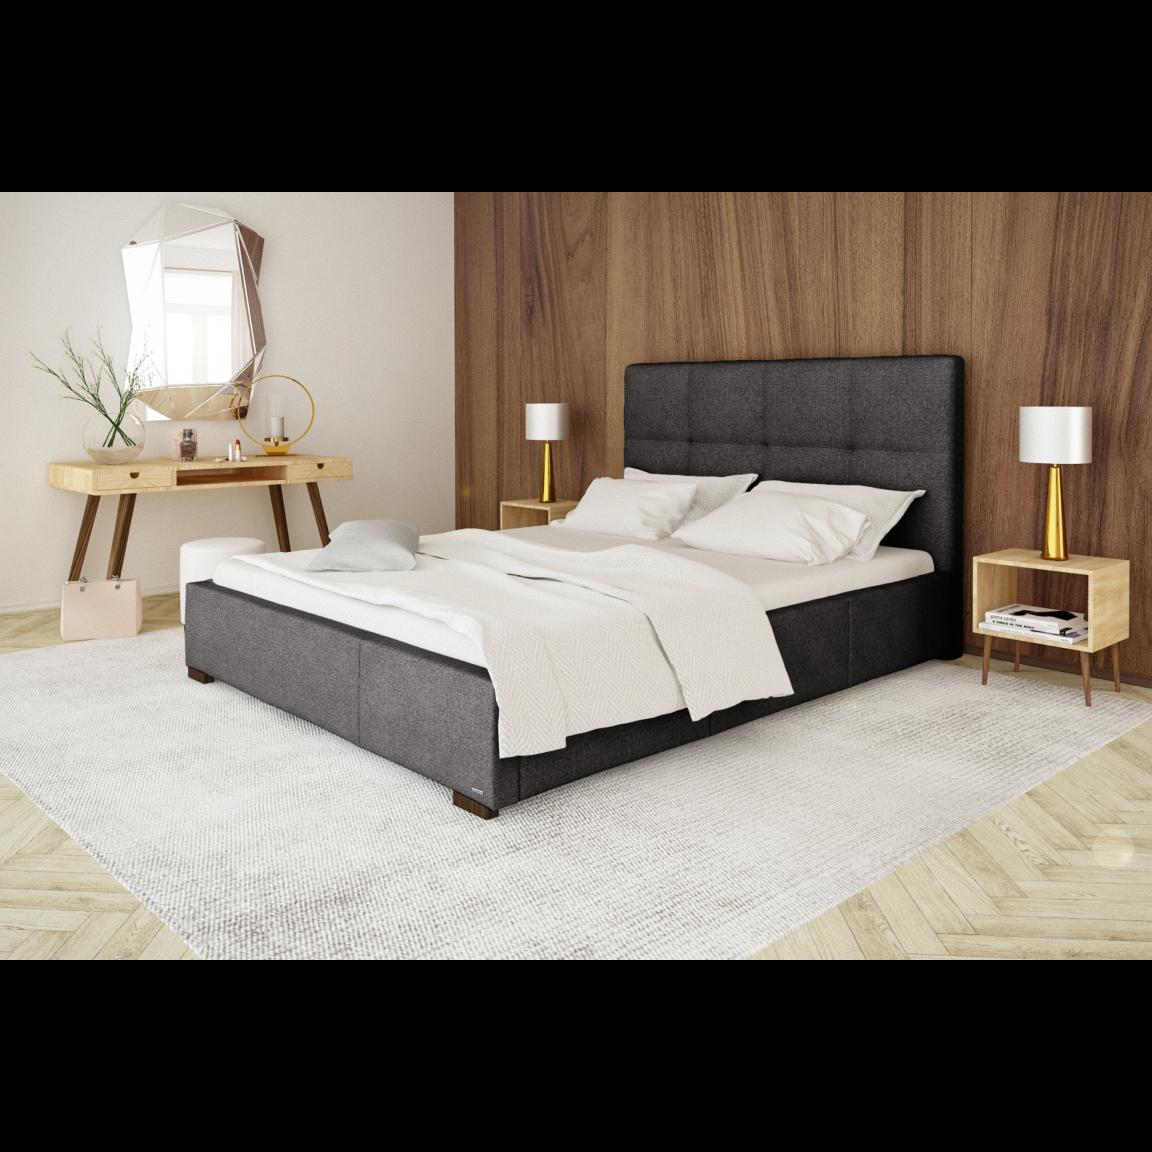 Gepolstertes Bett Cobalt mit Staumöglichkeit   Dunkelgrau-140 x 200 cm